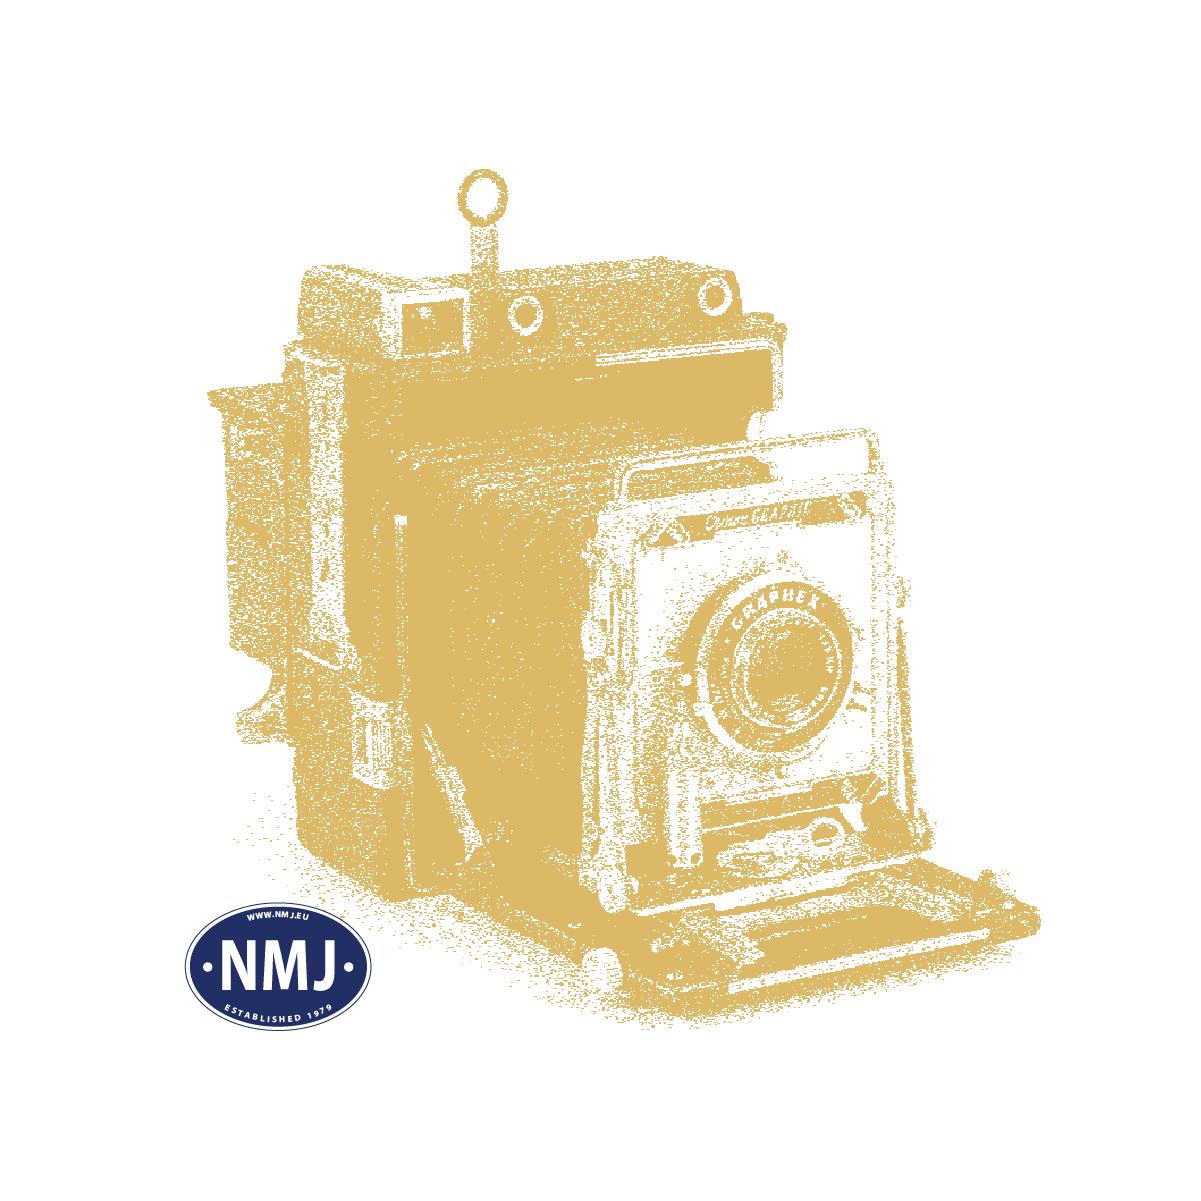 NMJ0T4-3 - NMJ Superline Modell des Rungenwagens Lb 2176 401 0007-9 der NSB, Spur 0